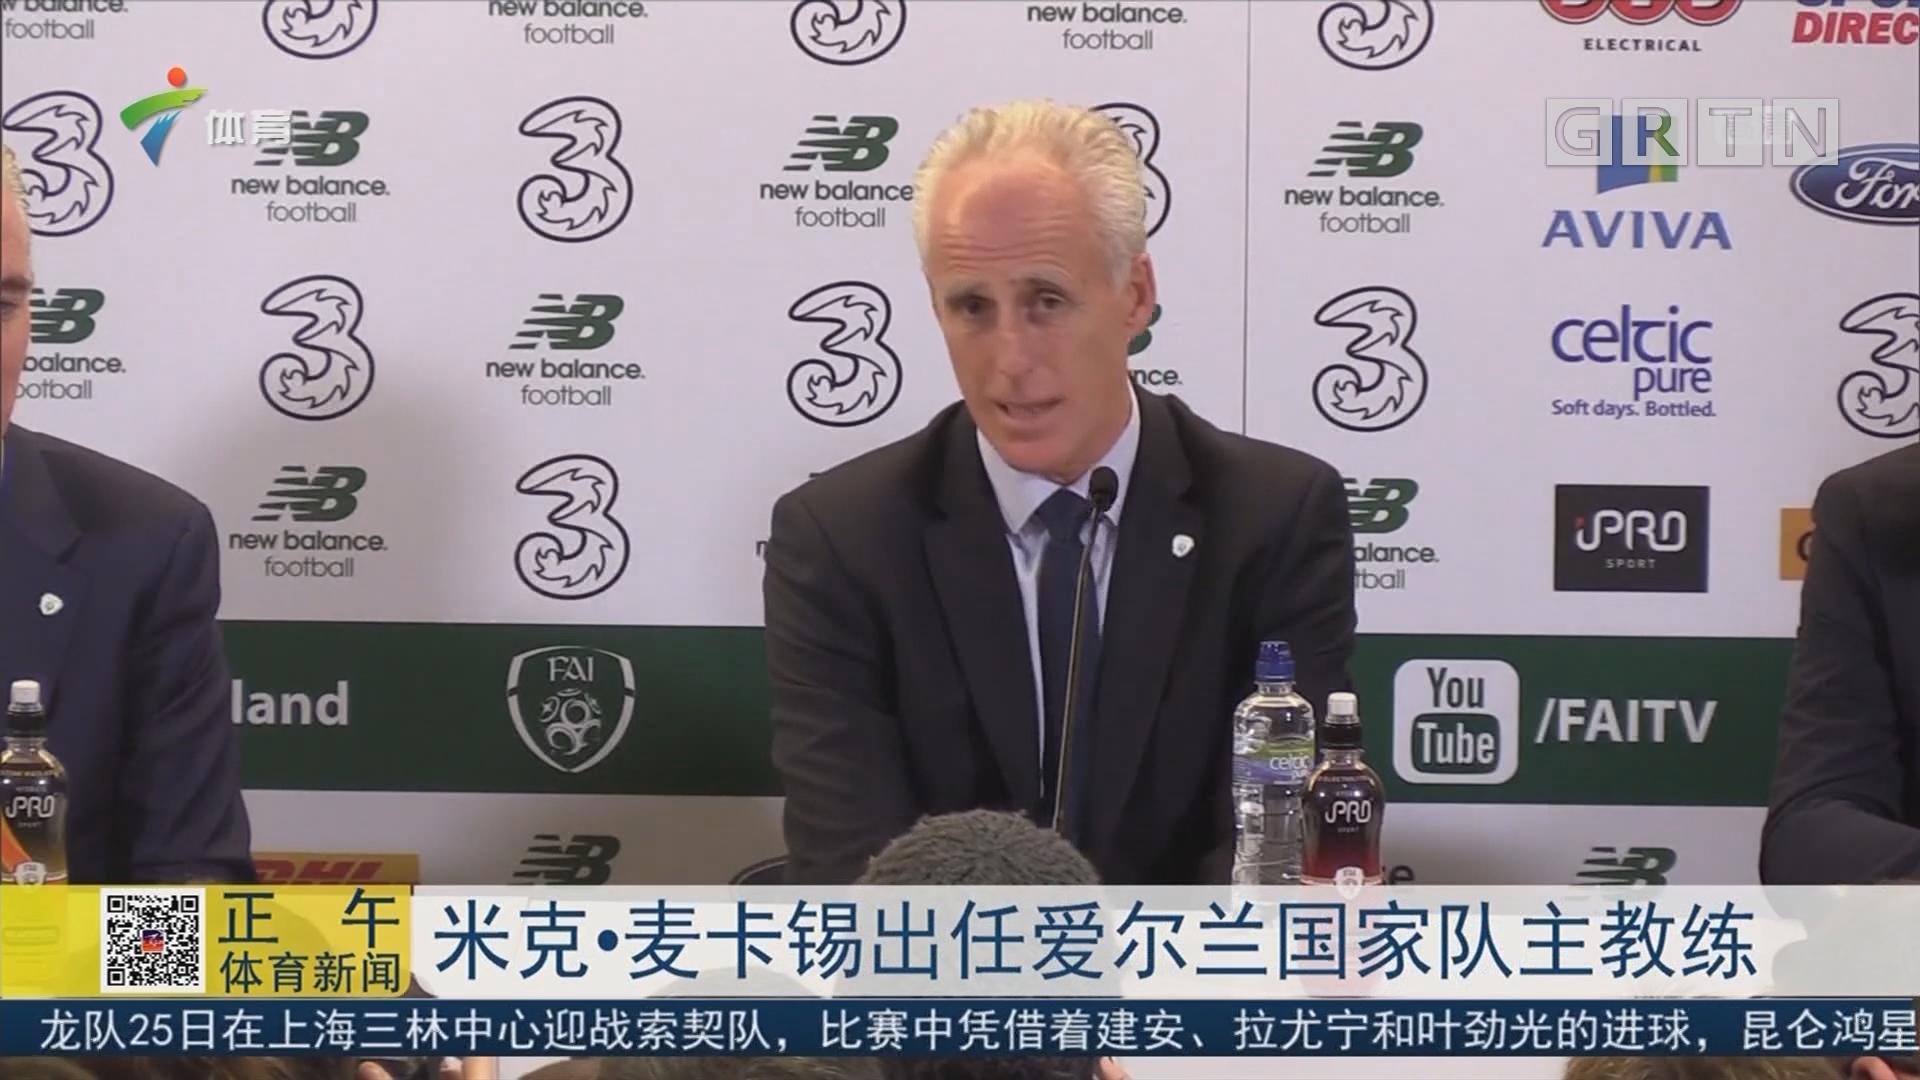 米克·麦卡锡出任爱尔兰国家队主教练